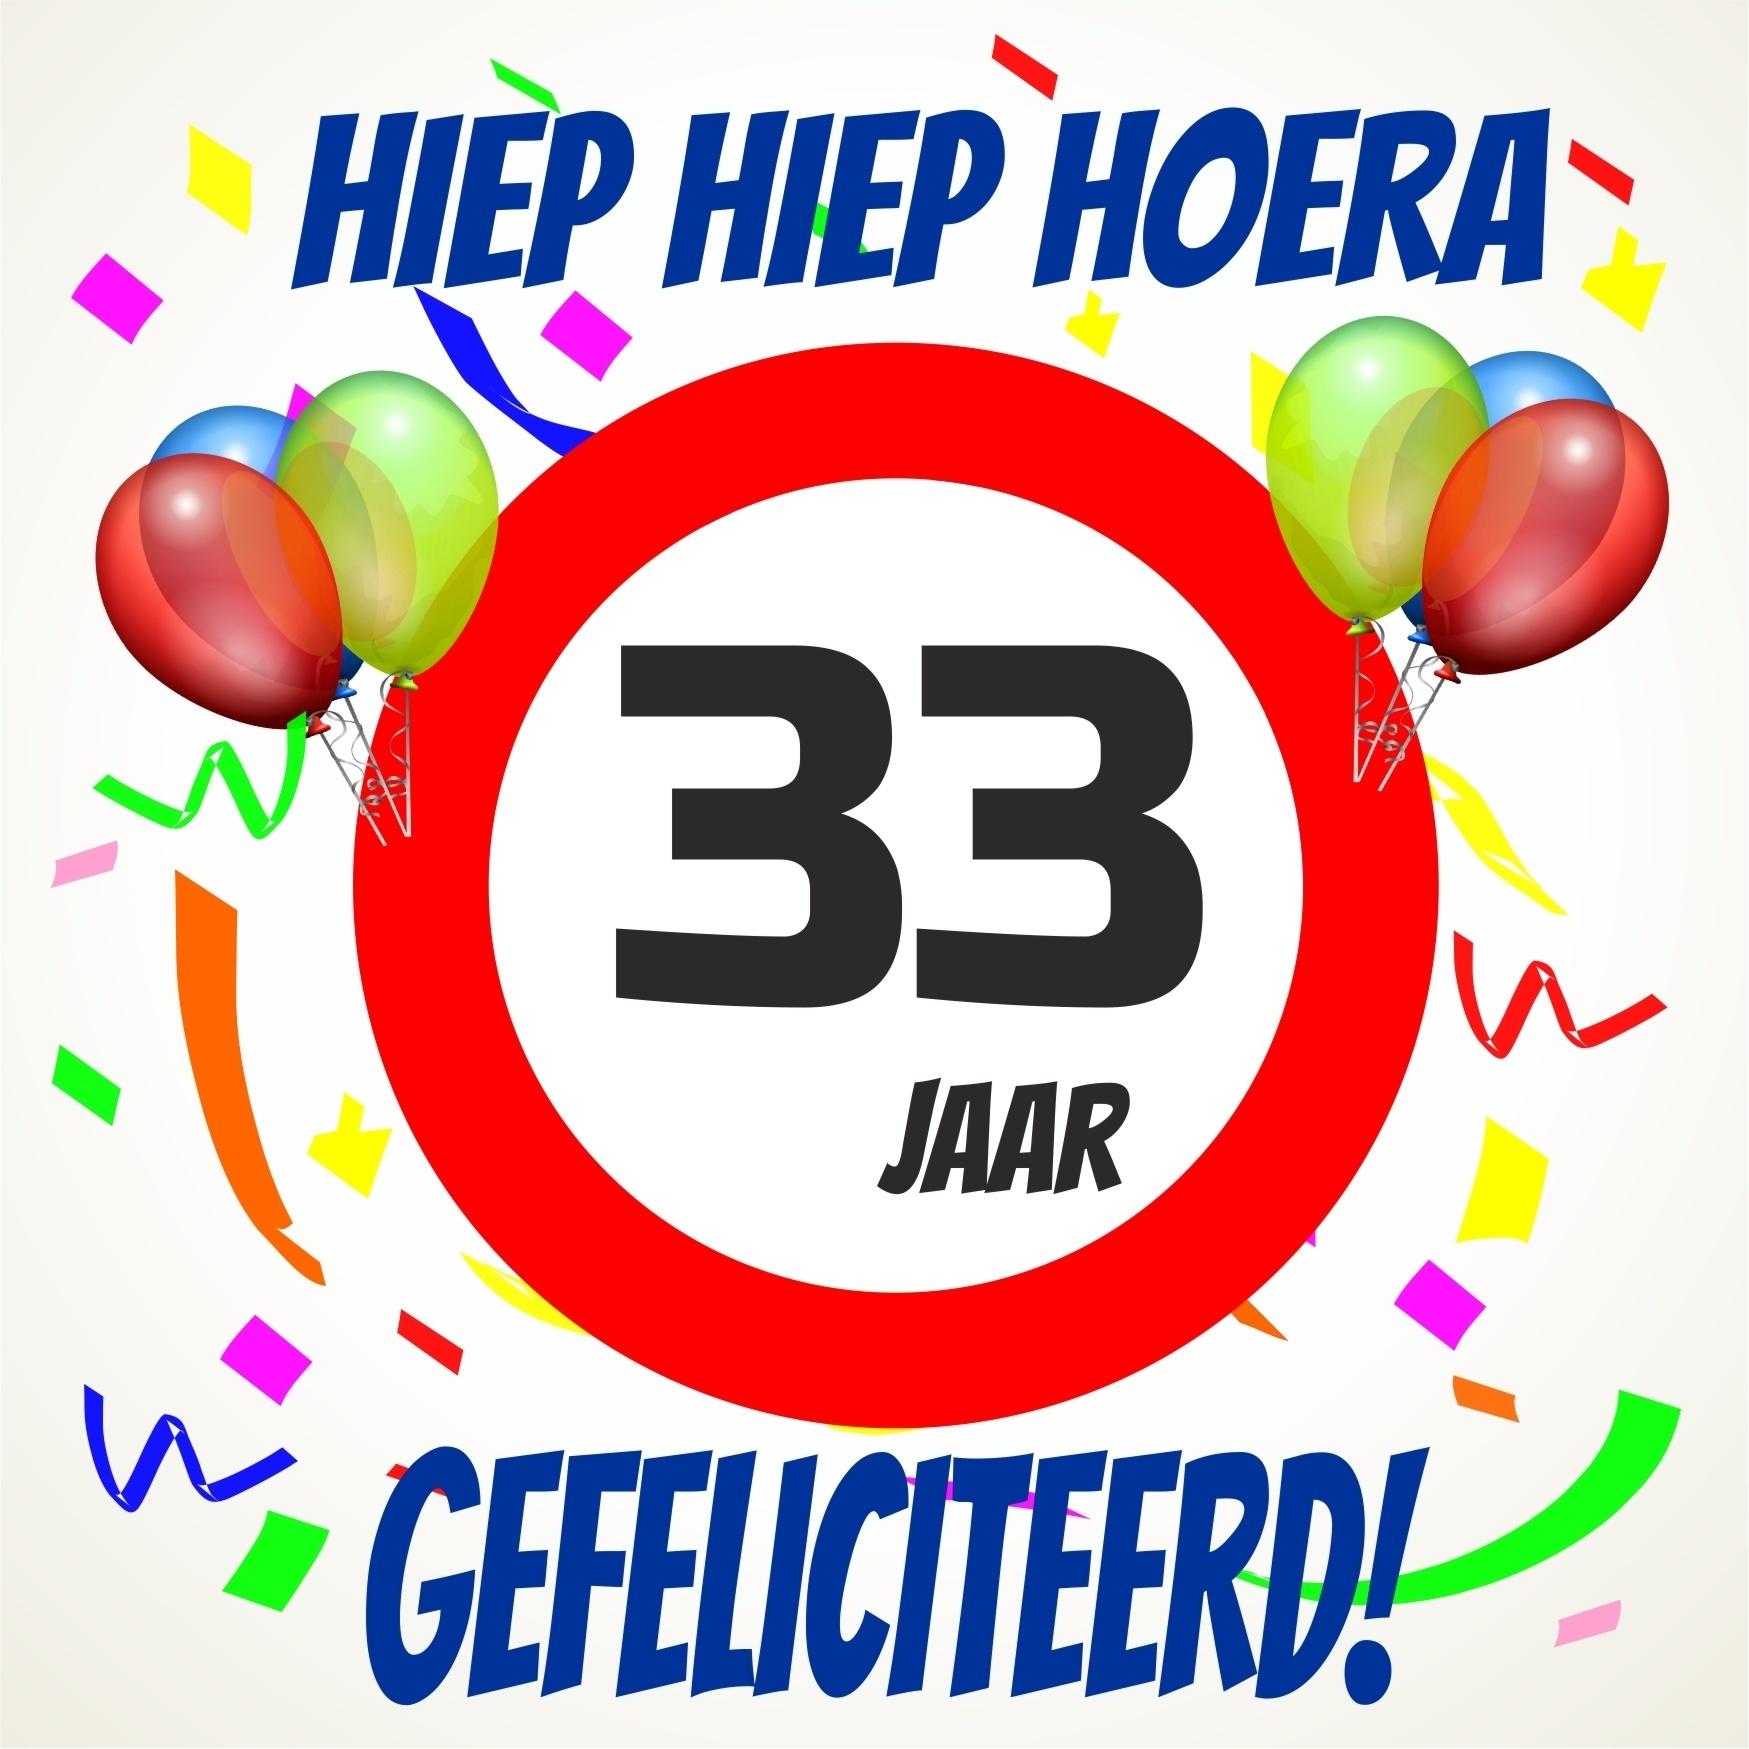 33 jaar Verjaardags tegeltje 33 jaar voordelig bij  33 jaar